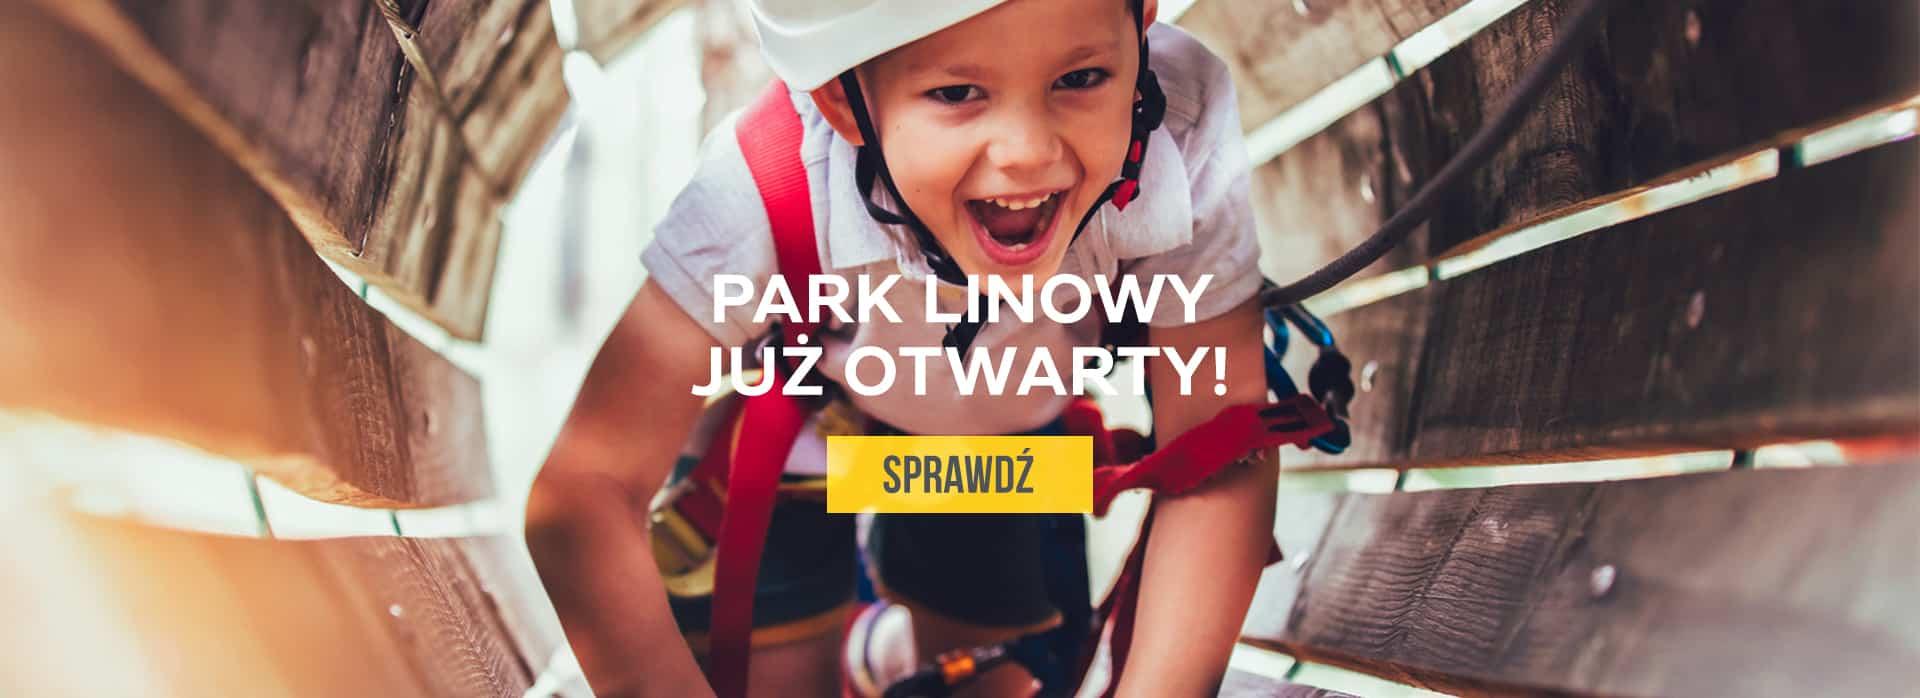 Park Linowy już otwarty. Sprawdź>